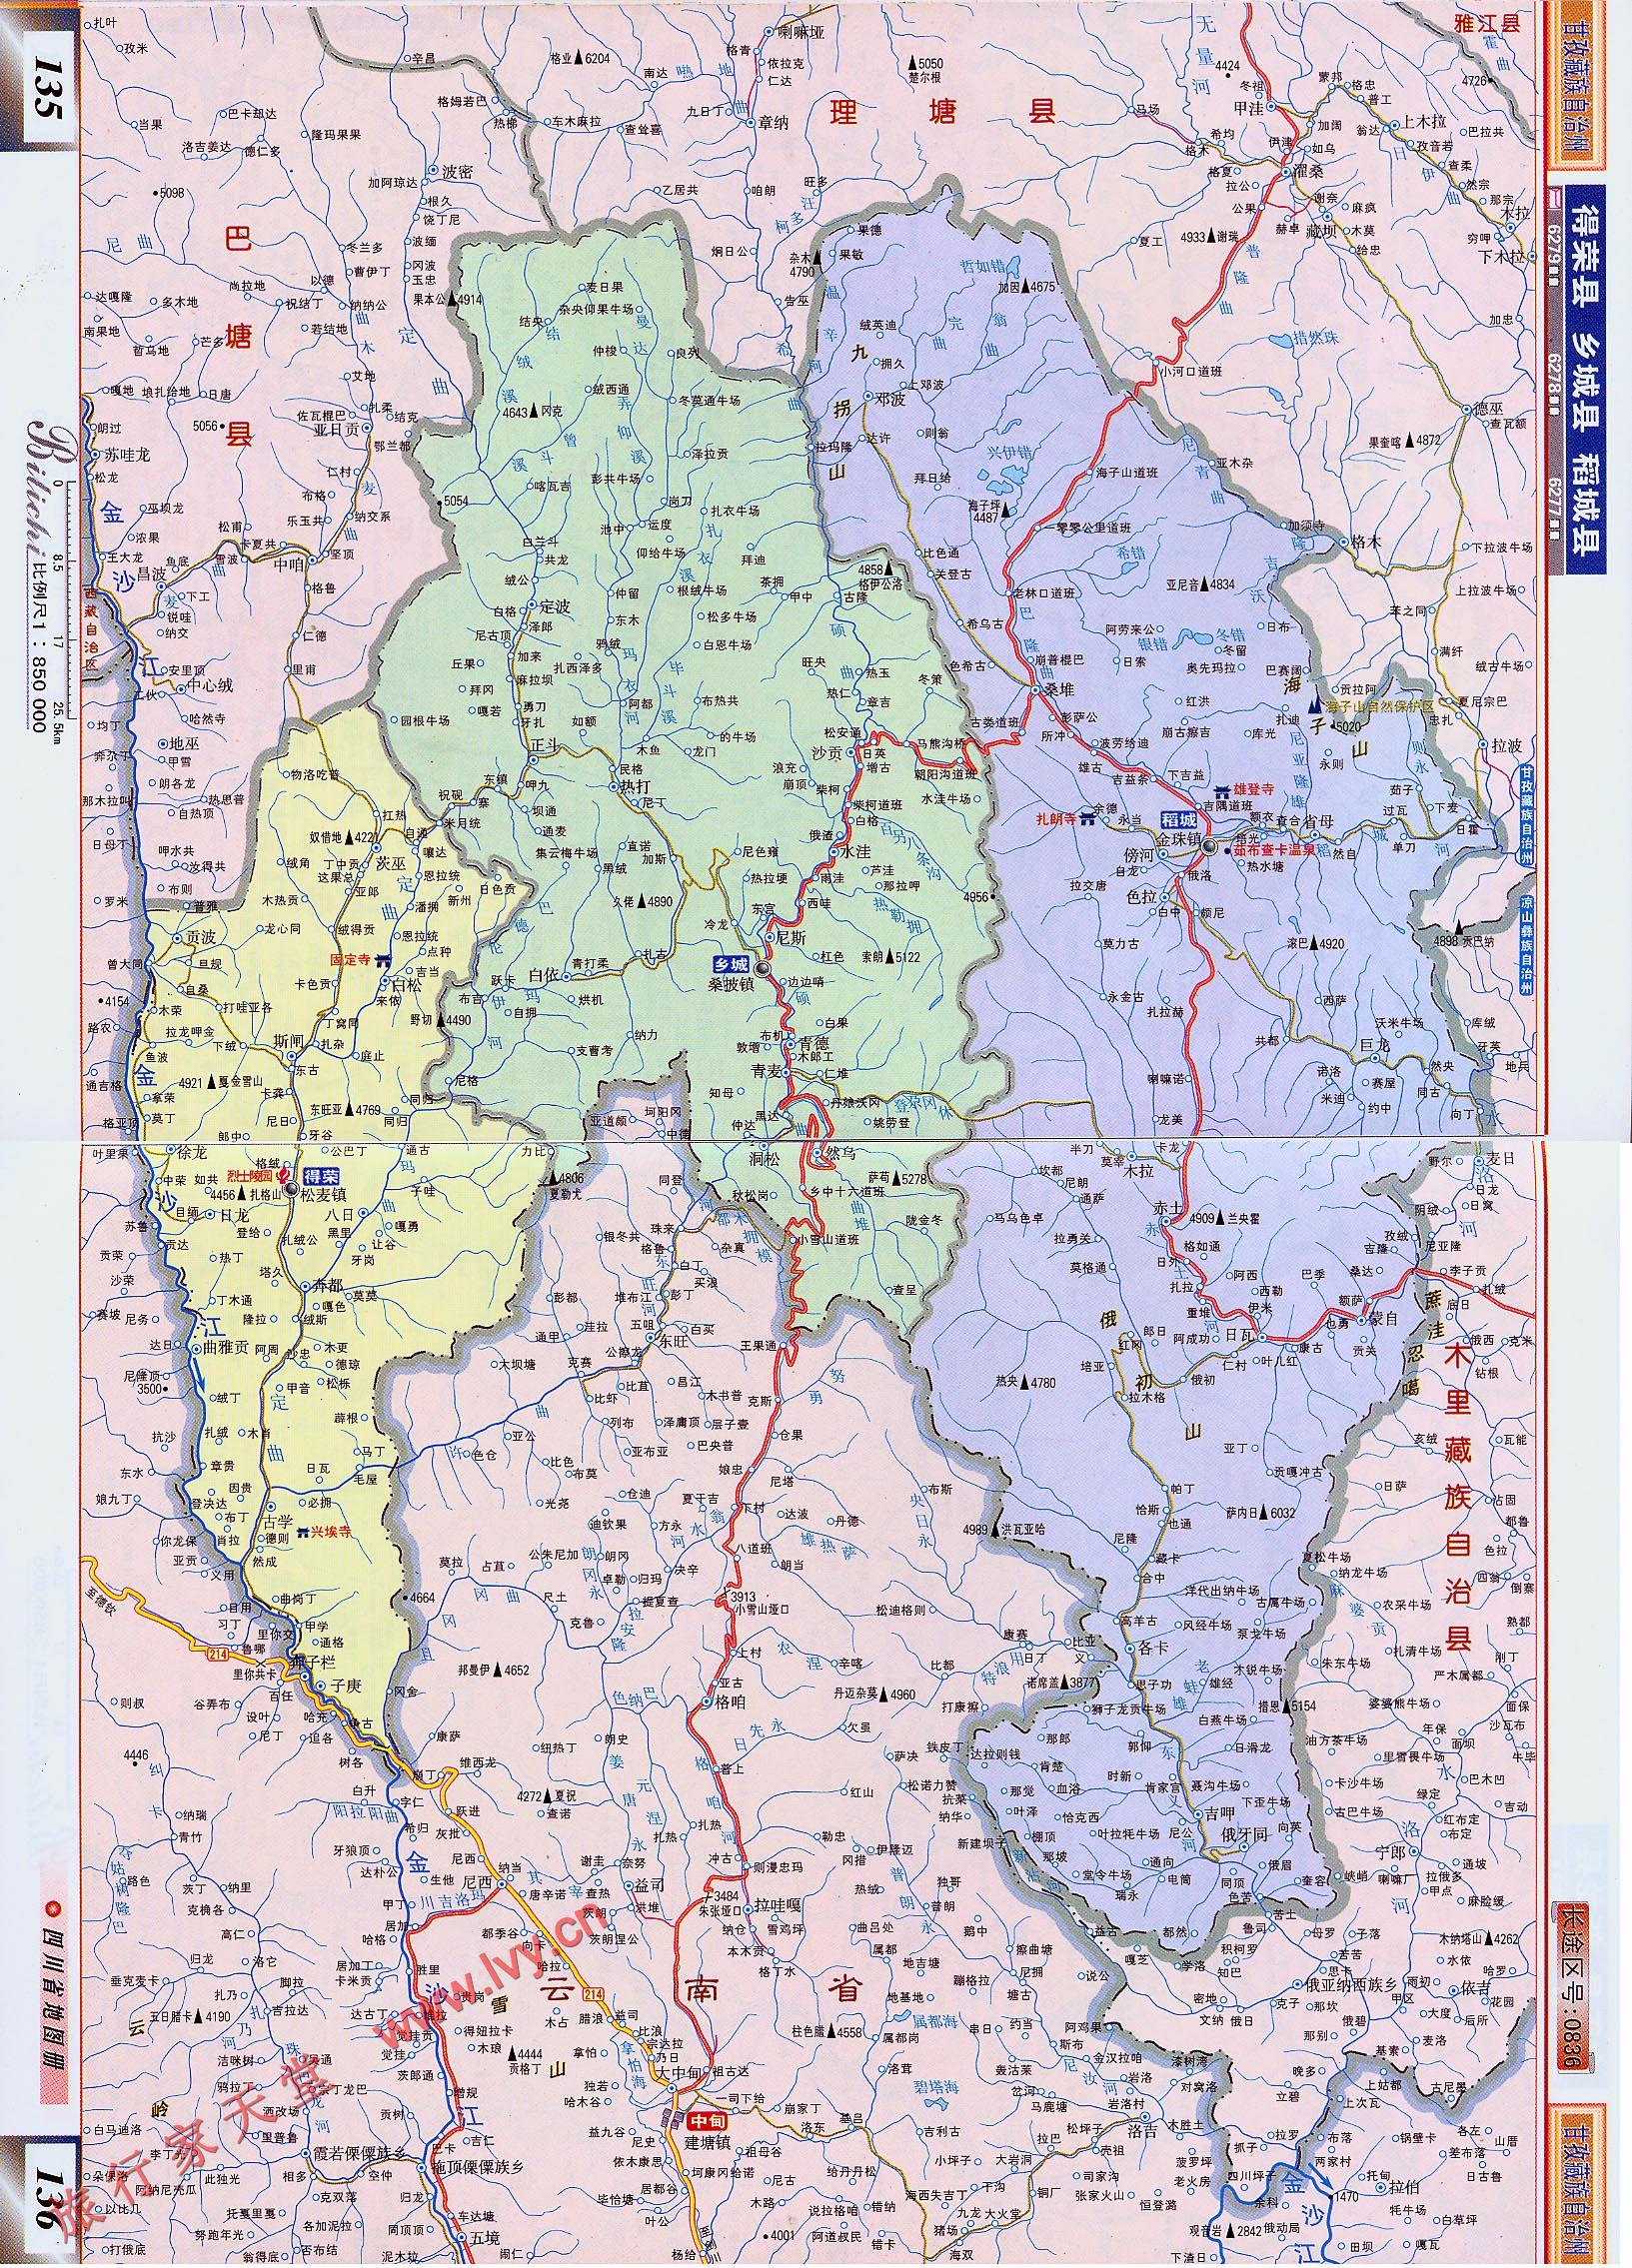 稻城、得榮、鄉城公路交通地圖